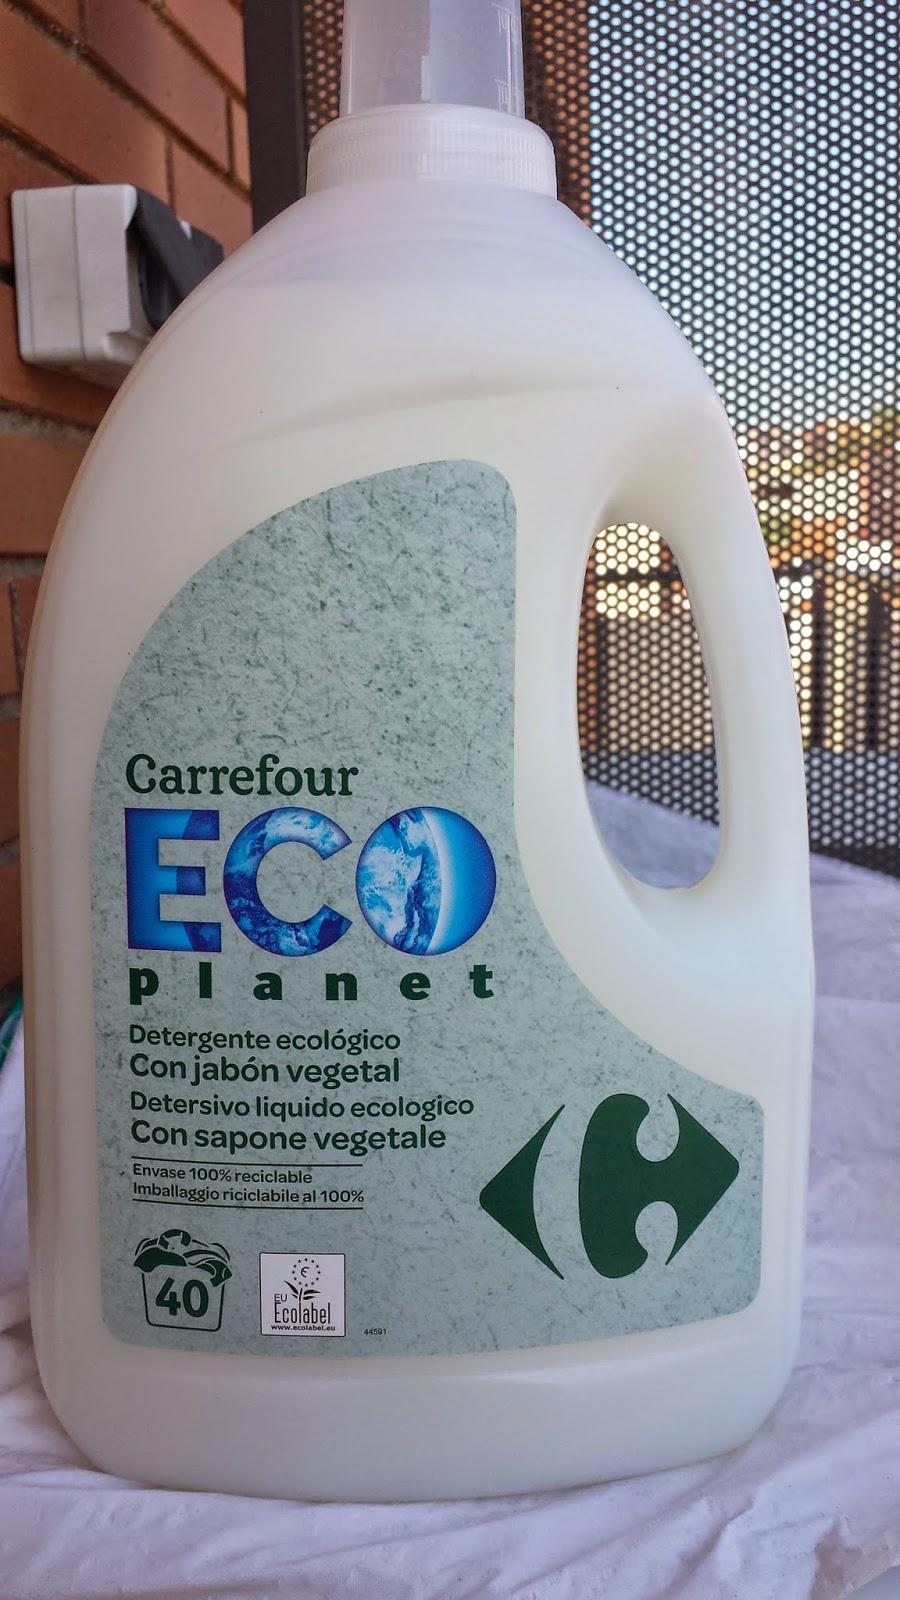 Limpiar Baño Amarillo:Nataly 1000 ideas: Productos de Limpieza ECOLÓGICOS